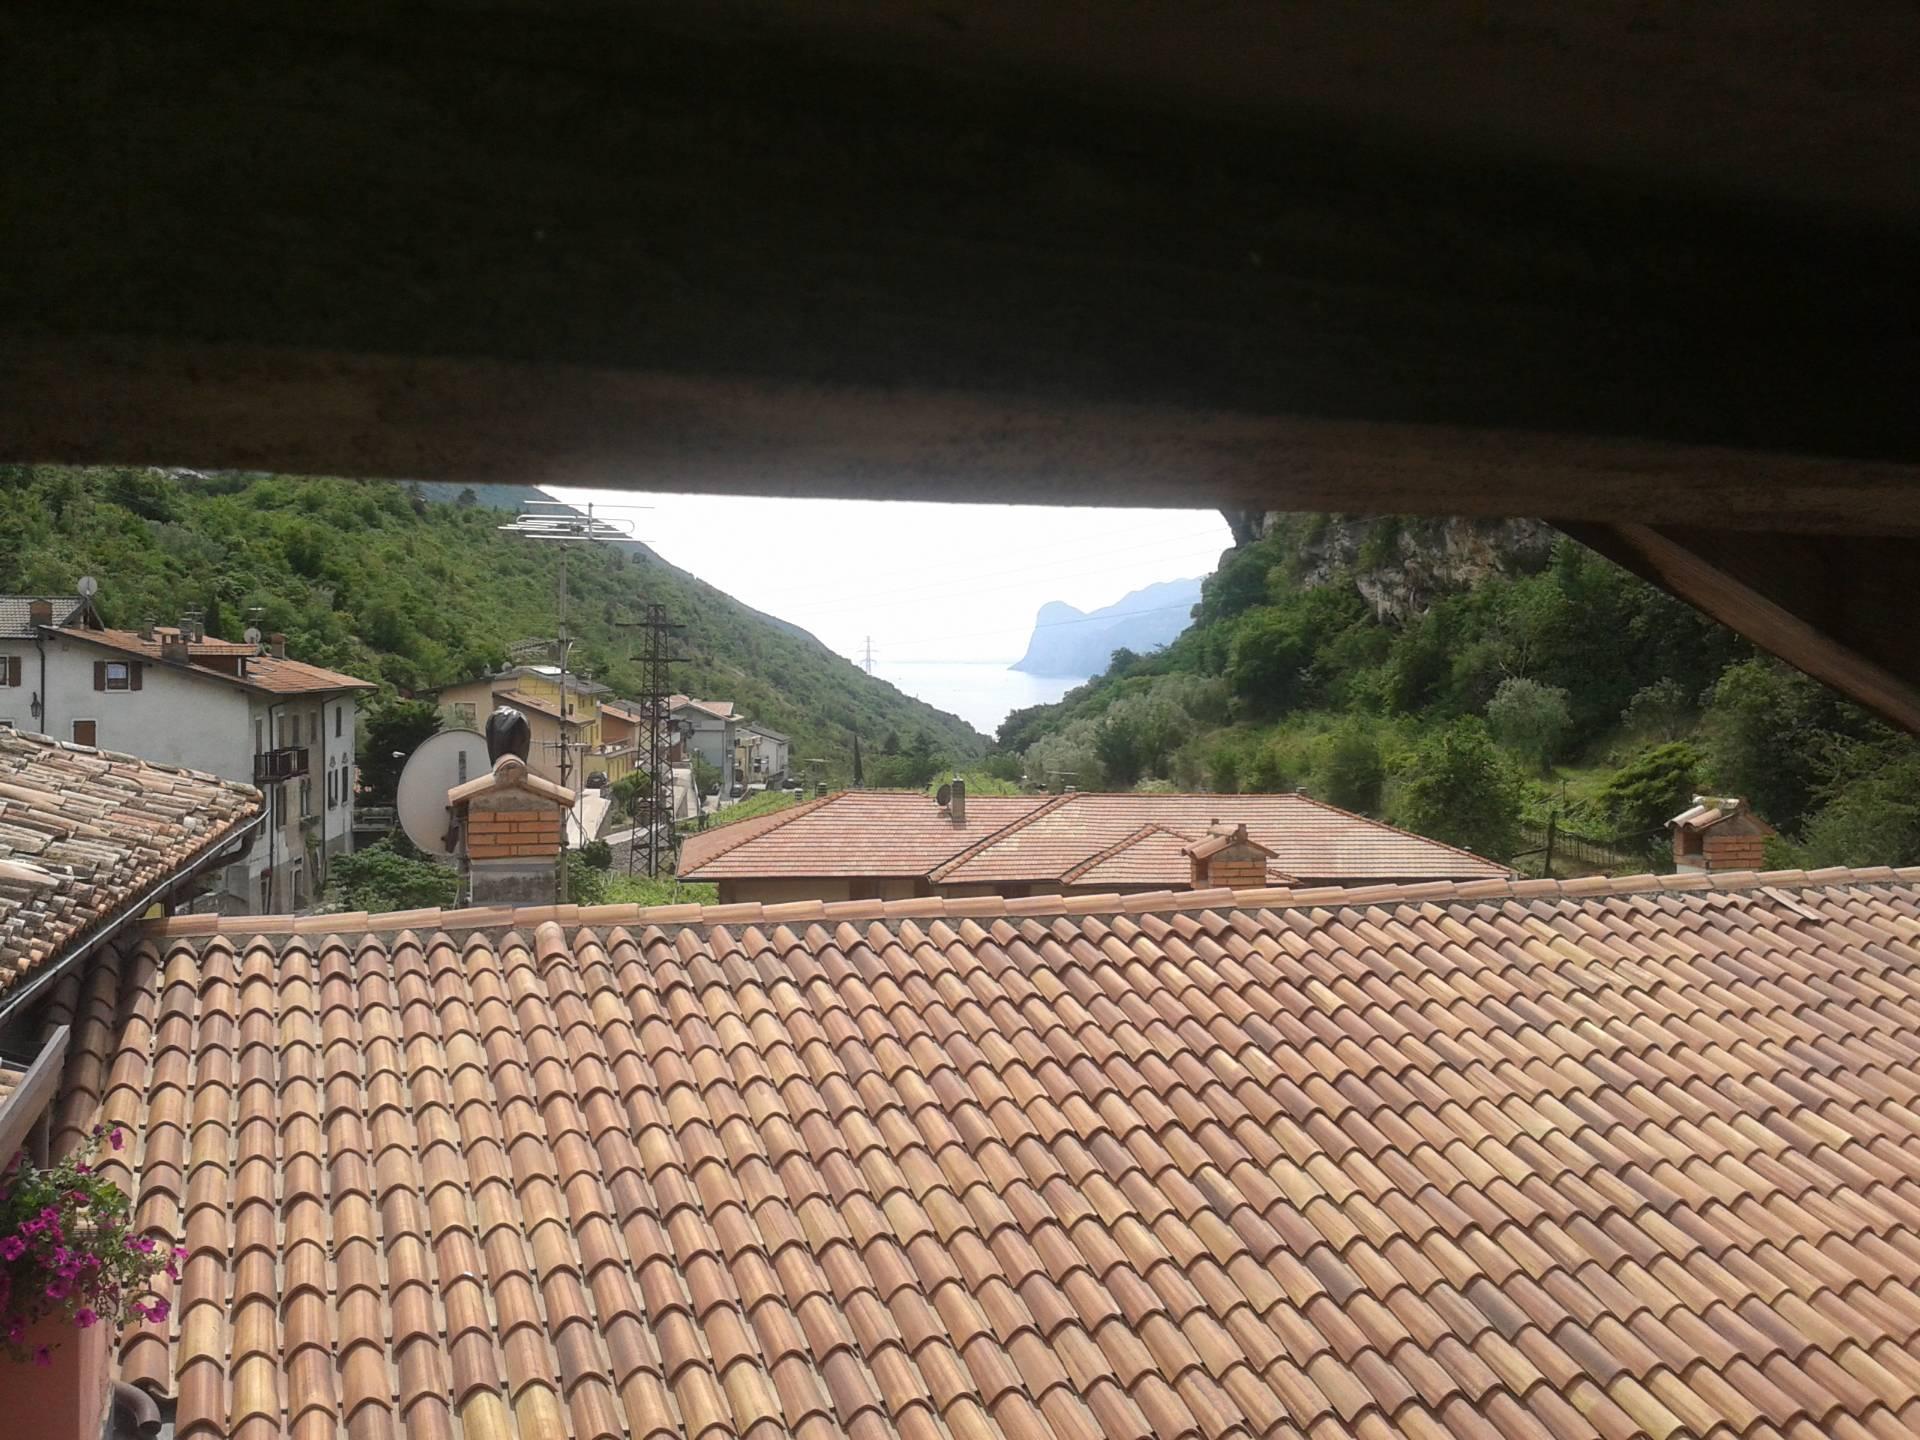 Appartamento in vendita a Nago-Torbole, 4 locali, zona Zona: Nago, Trattative riservate | Cambio Casa.it